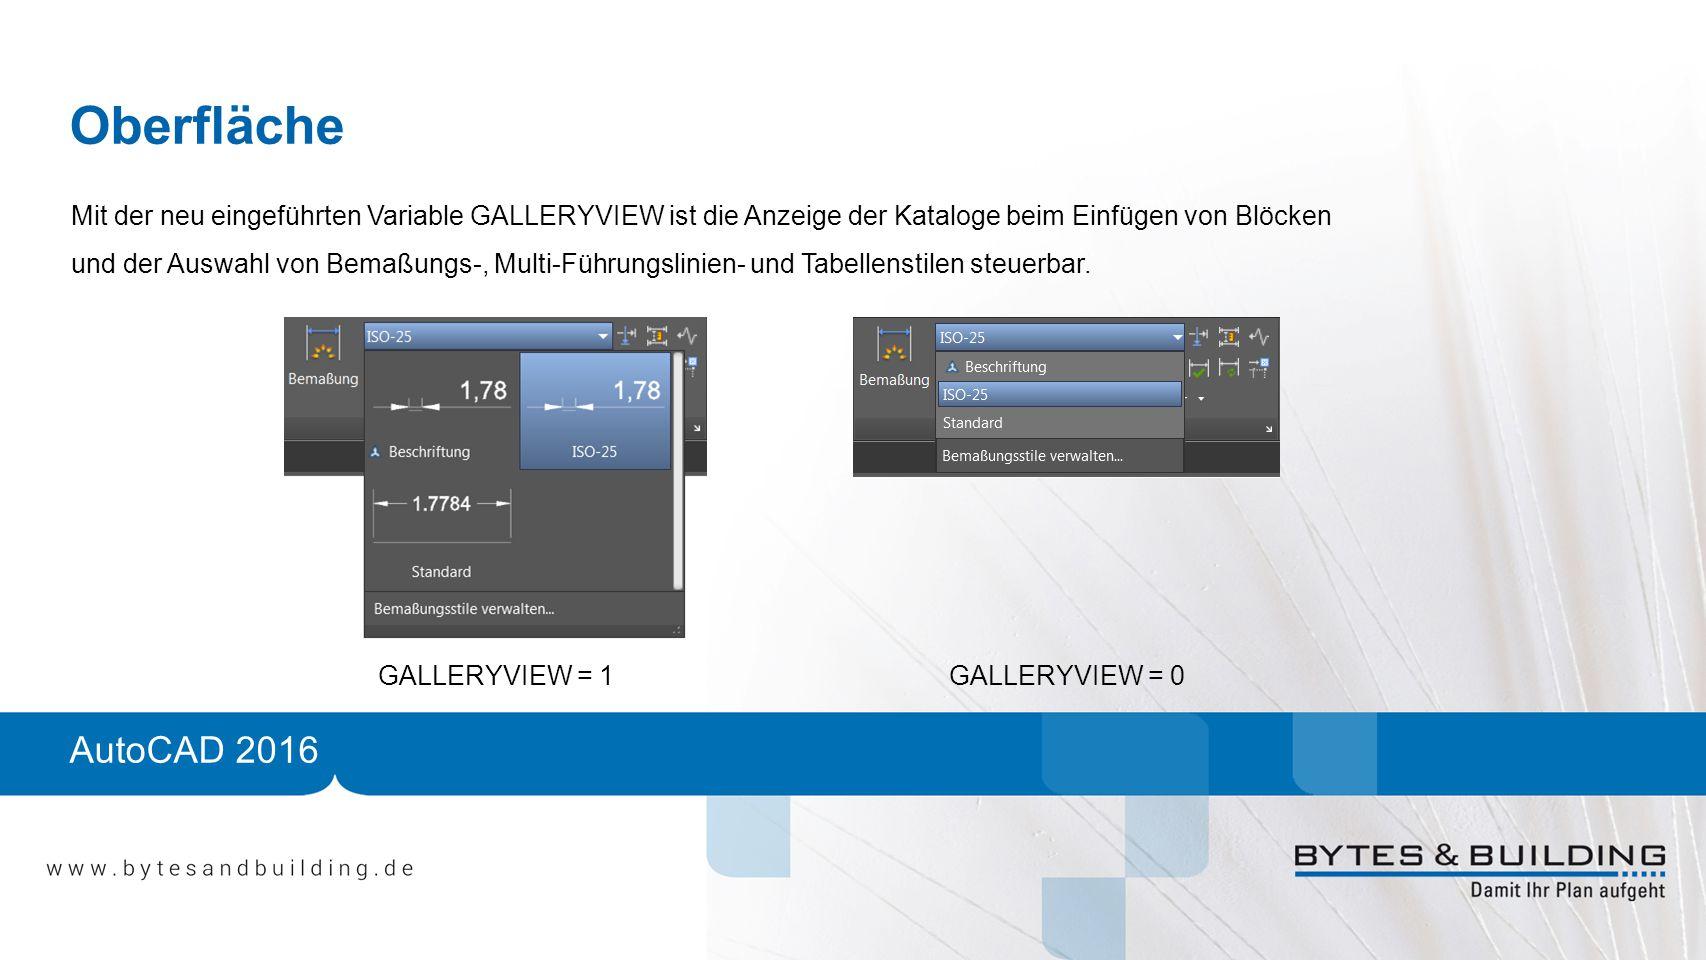 AutoCAD 2016 Oberfläche Mit der neu eingeführten Variable GALLERYVIEW ist die Anzeige der Kataloge beim Einfügen von Blöcken und der Auswahl von Bemaßungs-, Multi-Führungslinien- und Tabellenstilen steuerbar.